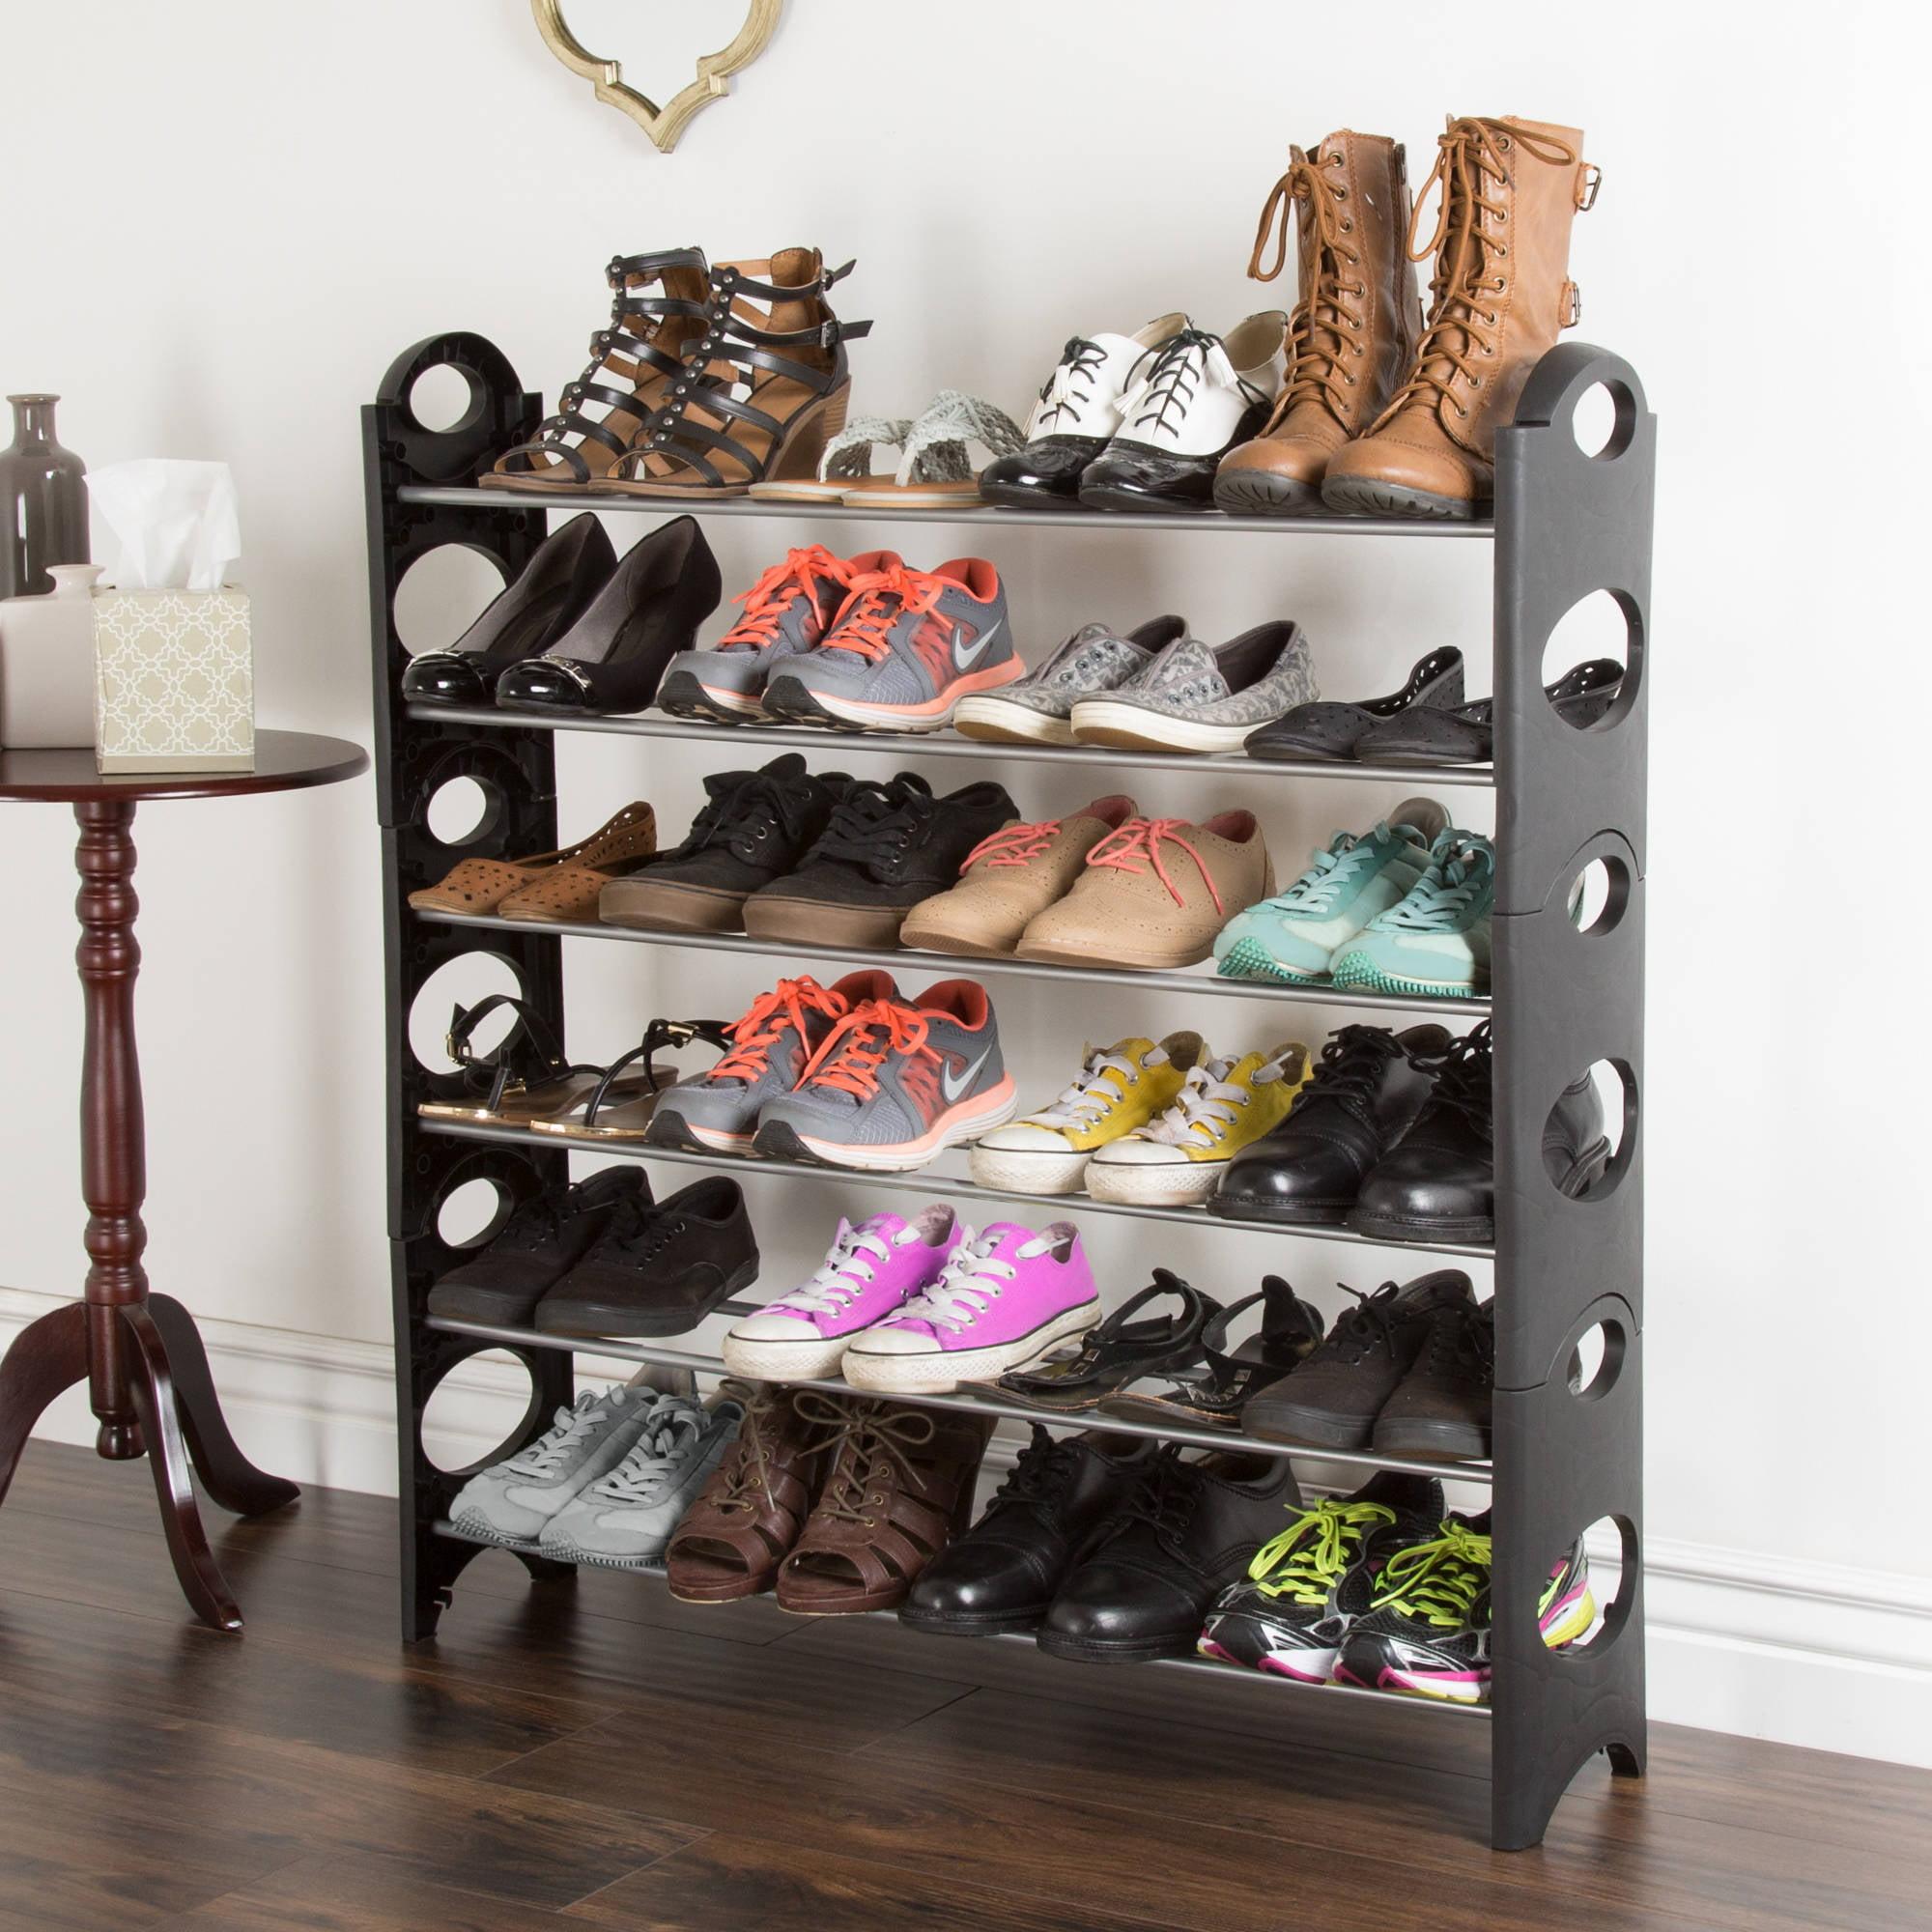 Shoe Rack, Stackable Storage Bench  Closet, Bathroom, Kitchen, Entry  Organizer,